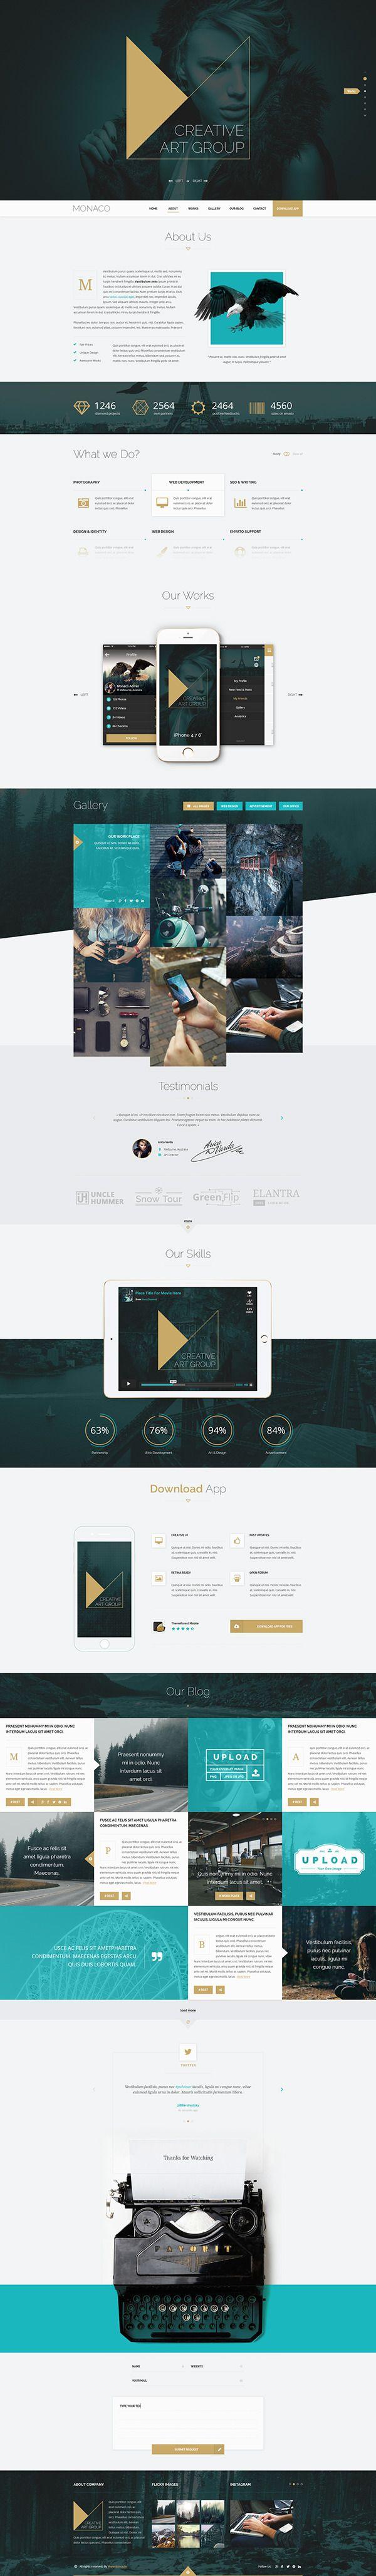 https://www.behance.net/gallery/24714981/Monaco-Creative-Bootstrap-3-Template